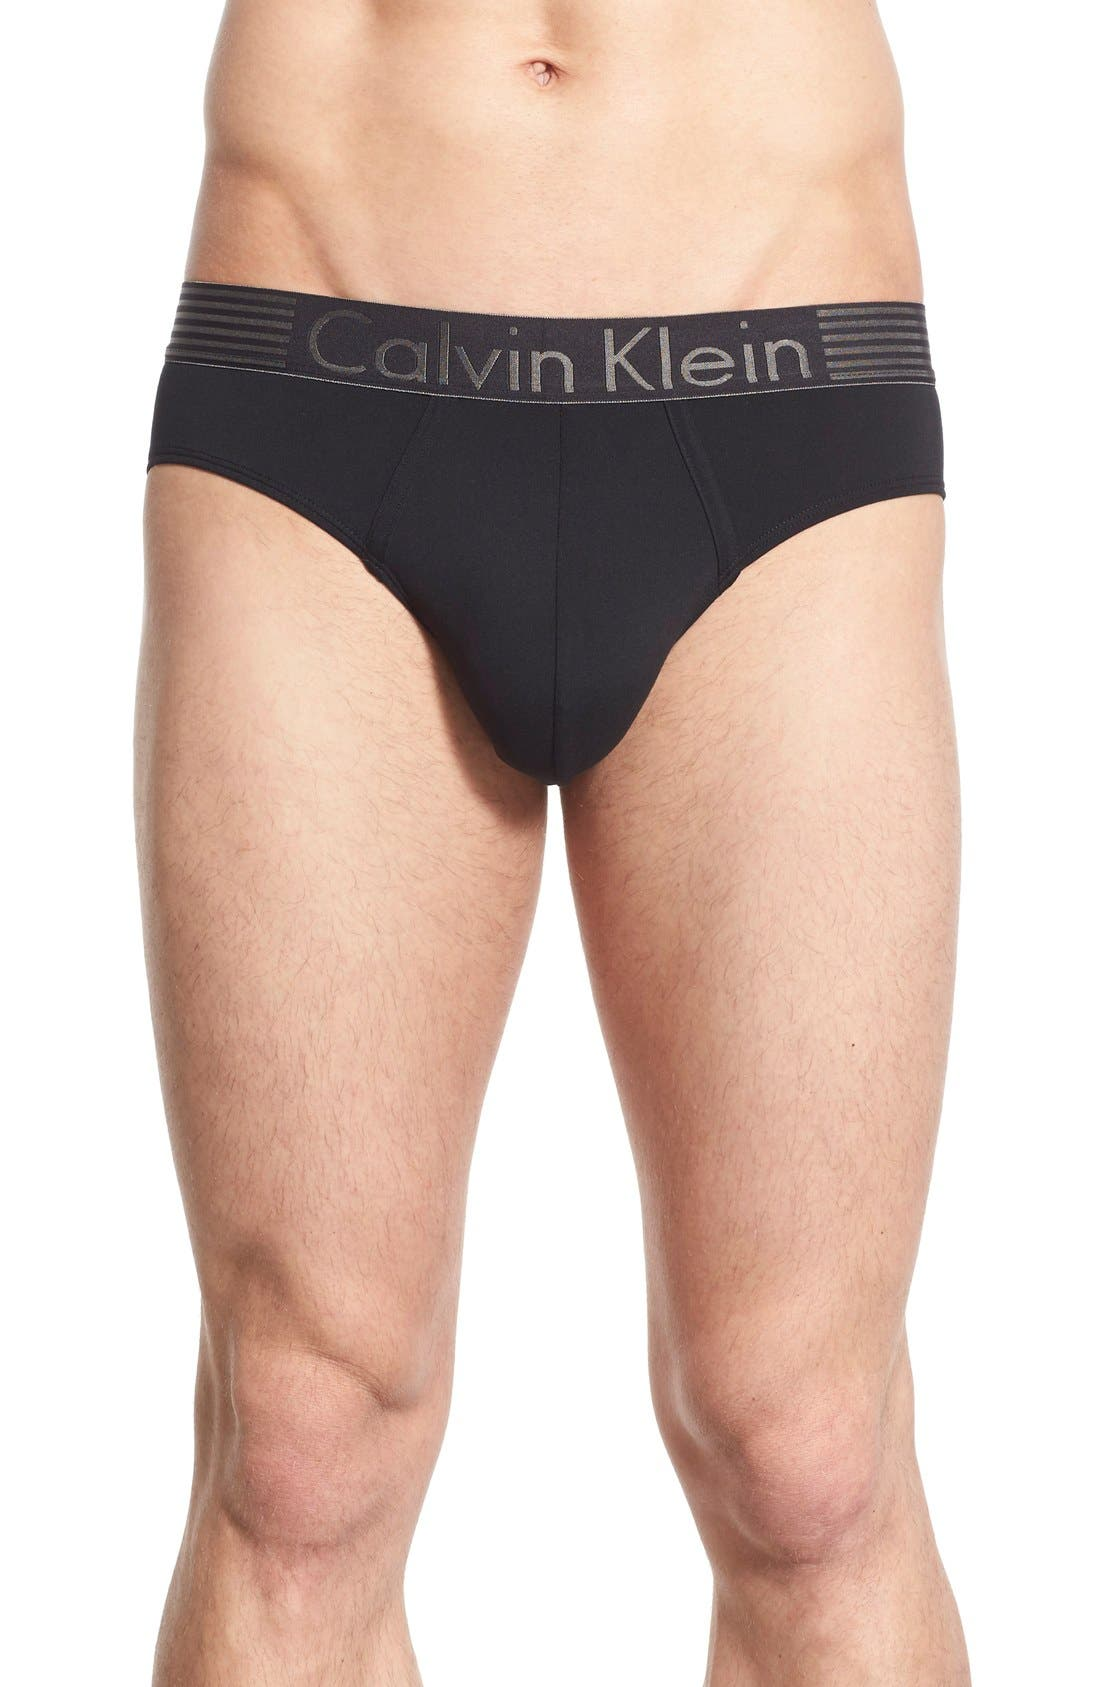 Calvin Klein Iron Strength Briefs